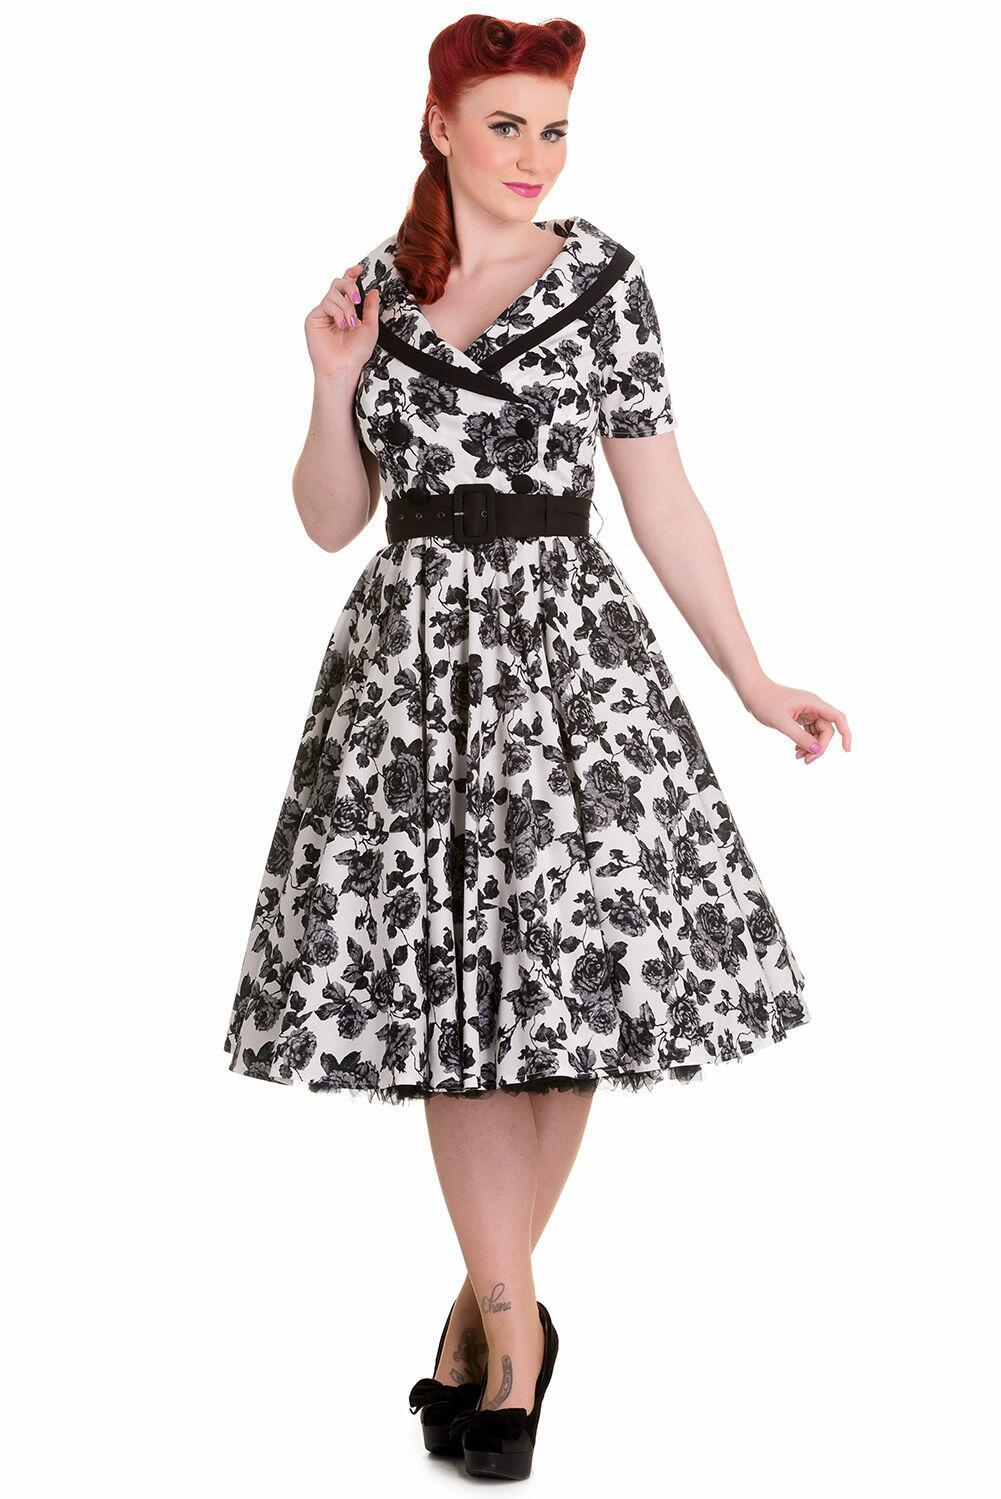 511e357b556c Buy Hvid kjole med roser - Offer   67.29